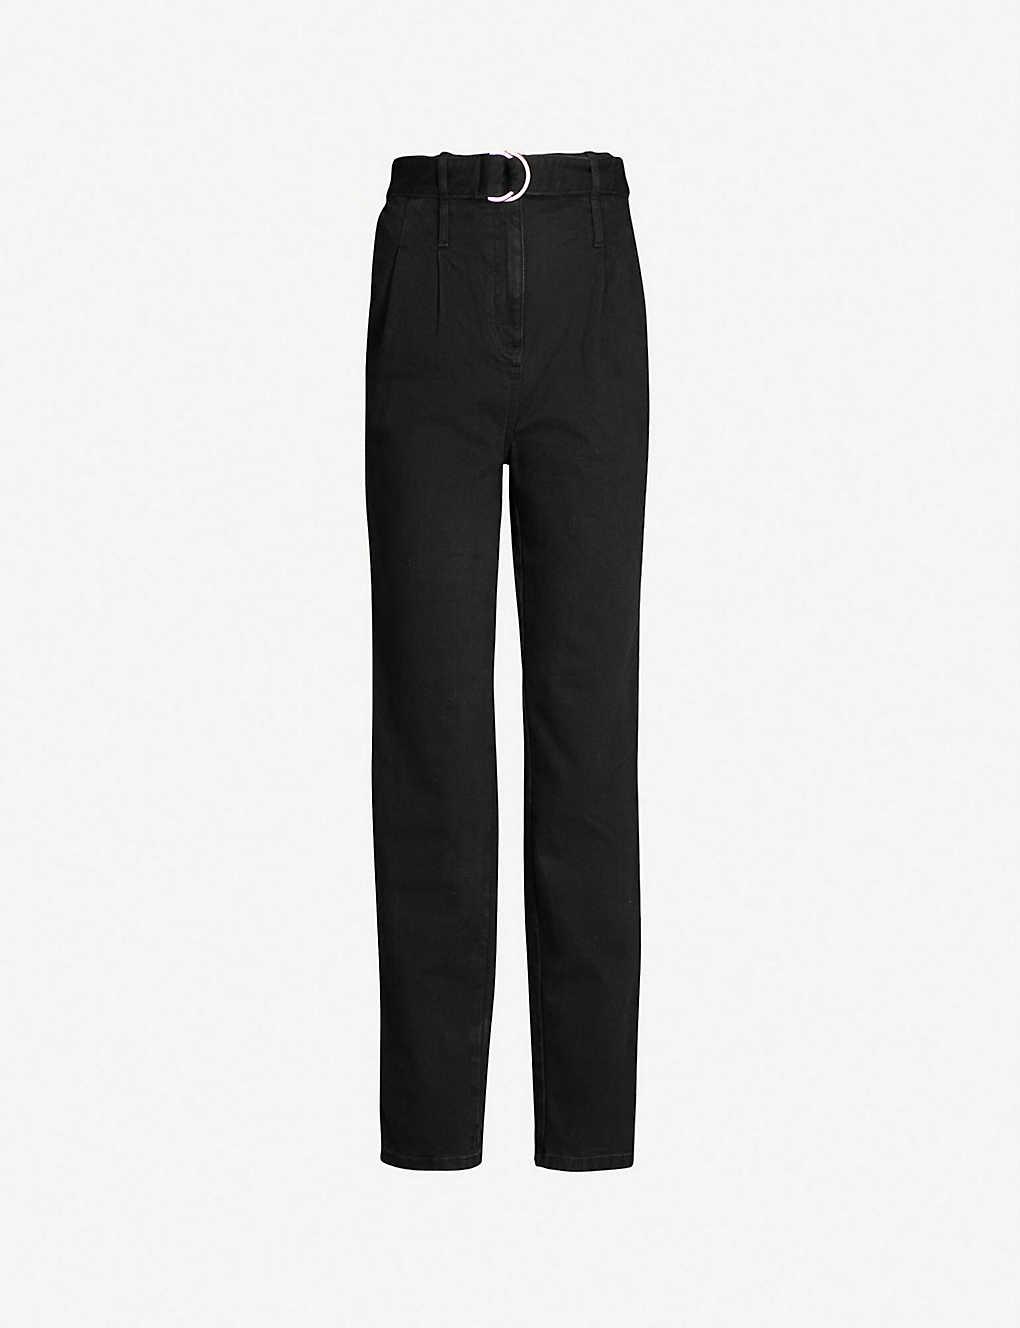 c26f83582a8 MAJE - Parisso skinny high-rise jeans